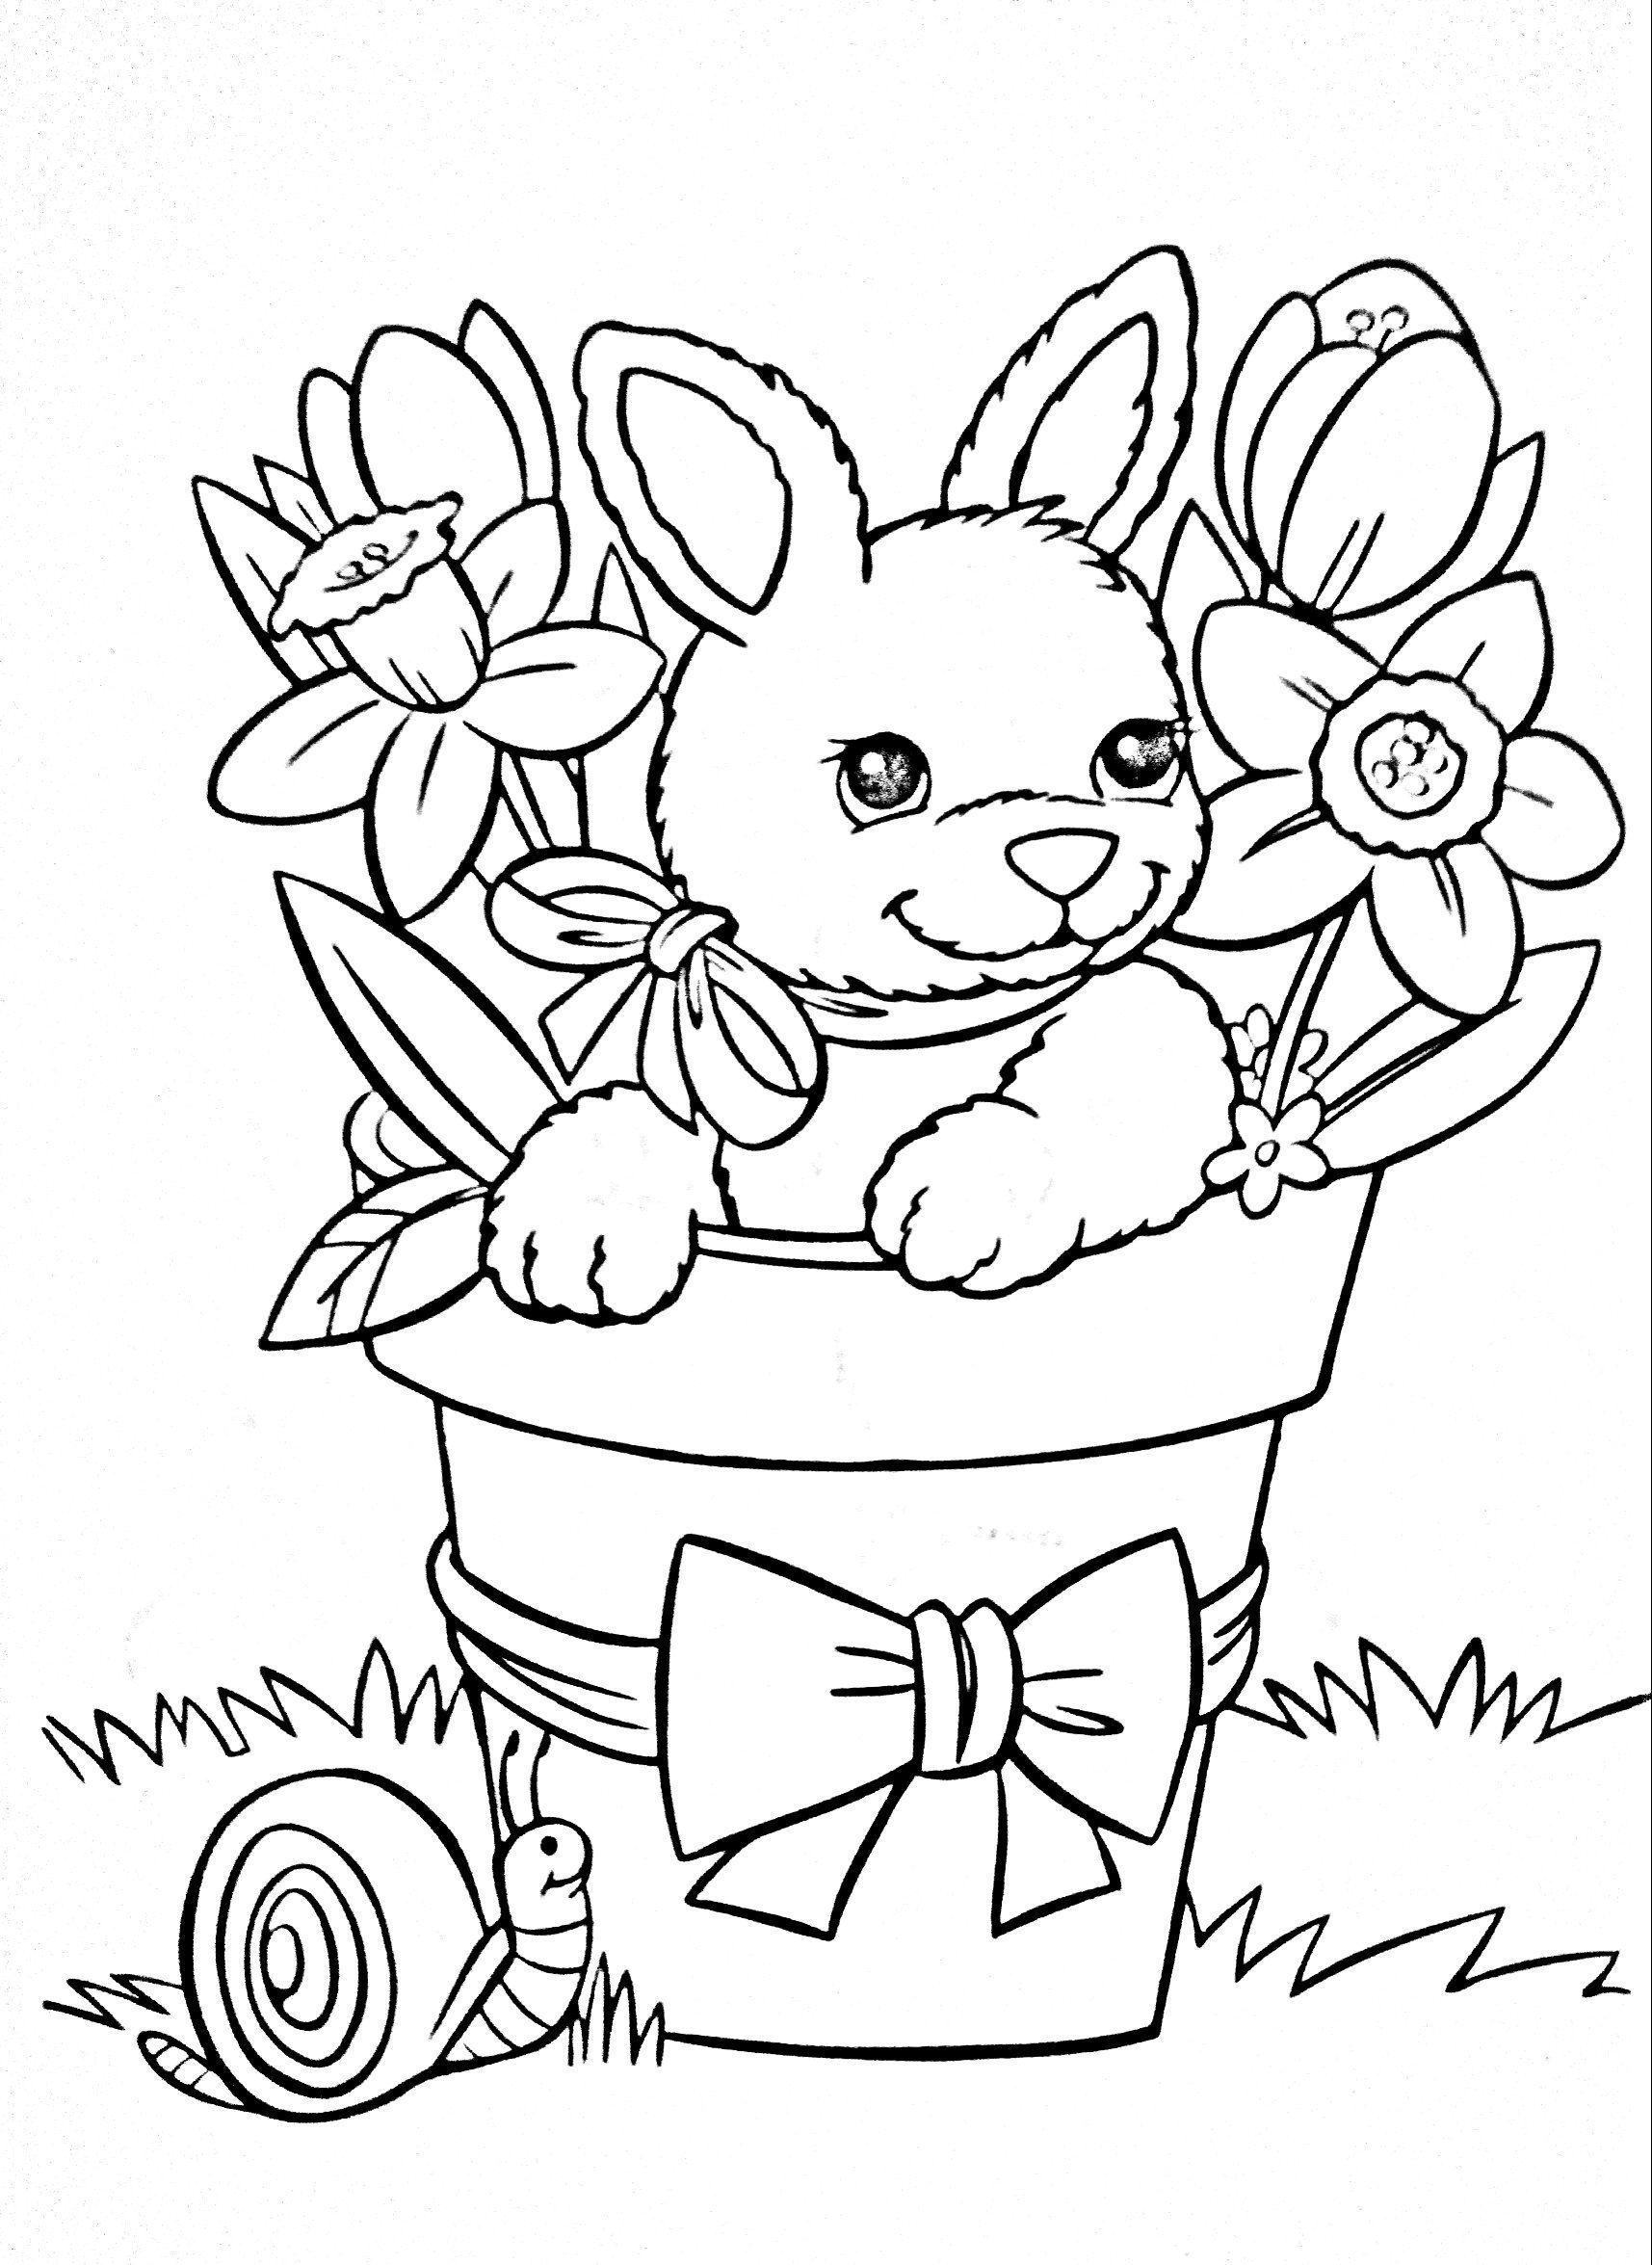 Pin von Desi Zain auf kindergarten | Pinterest | Ausmalbilder ...